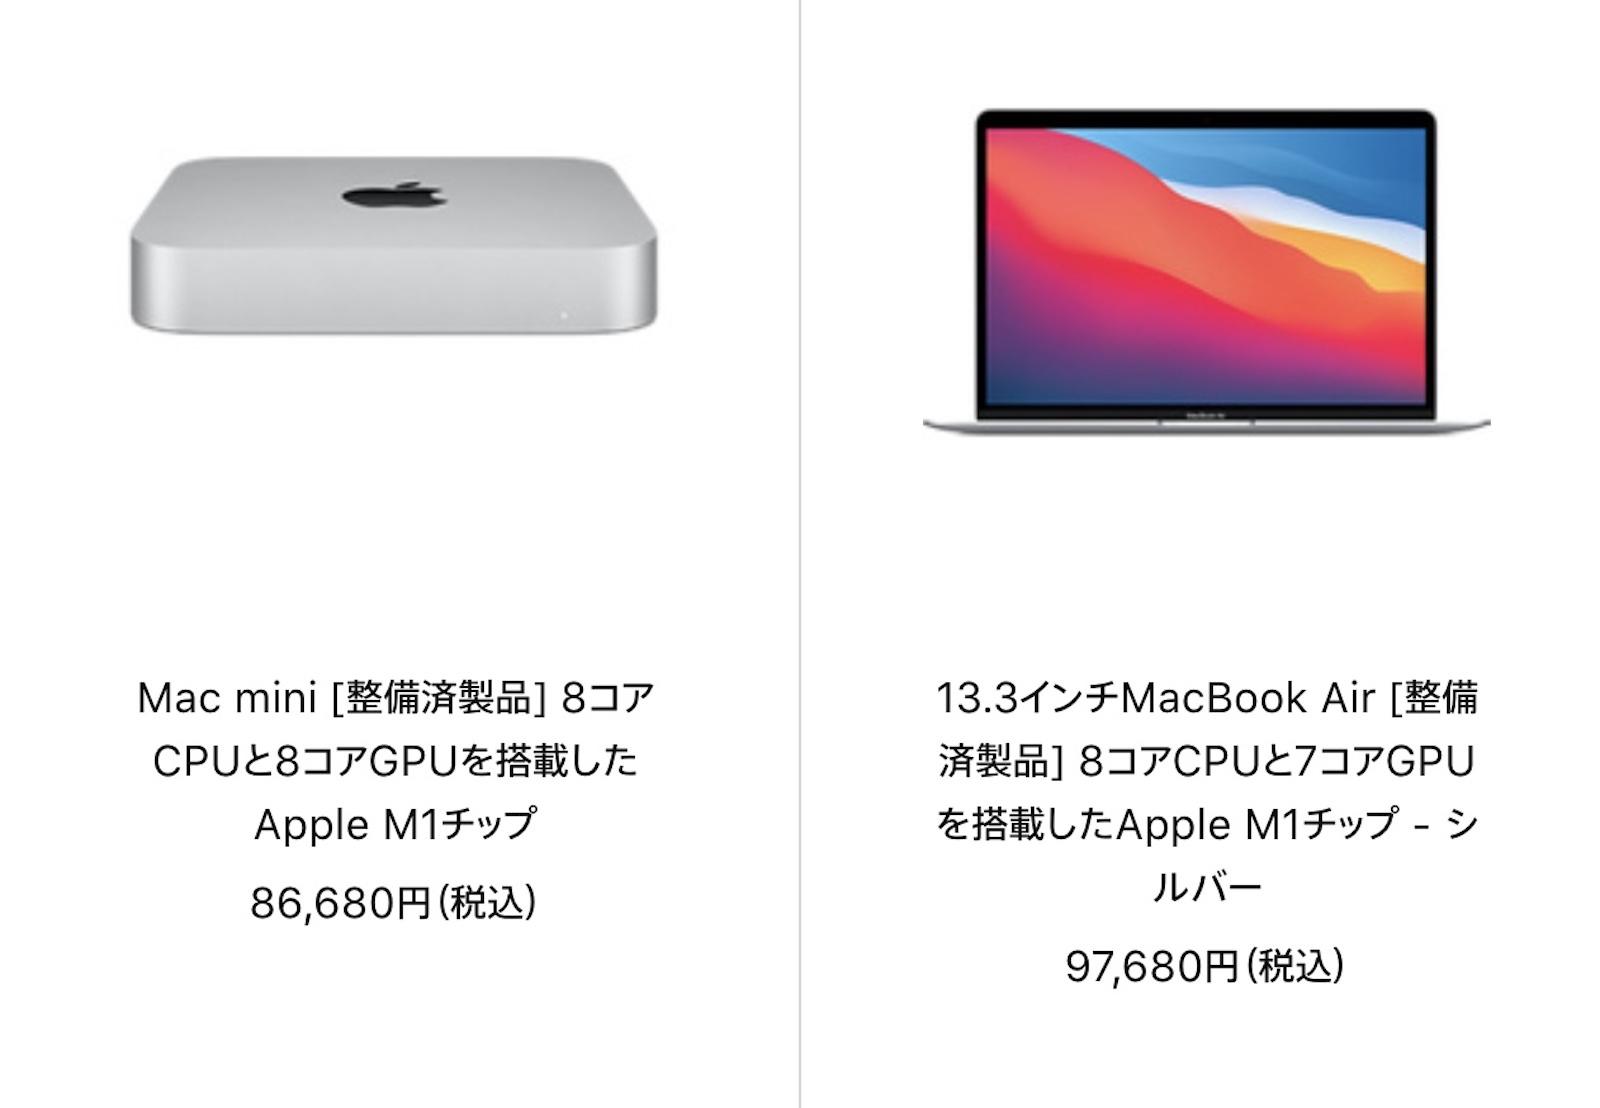 M1 macs refurbished